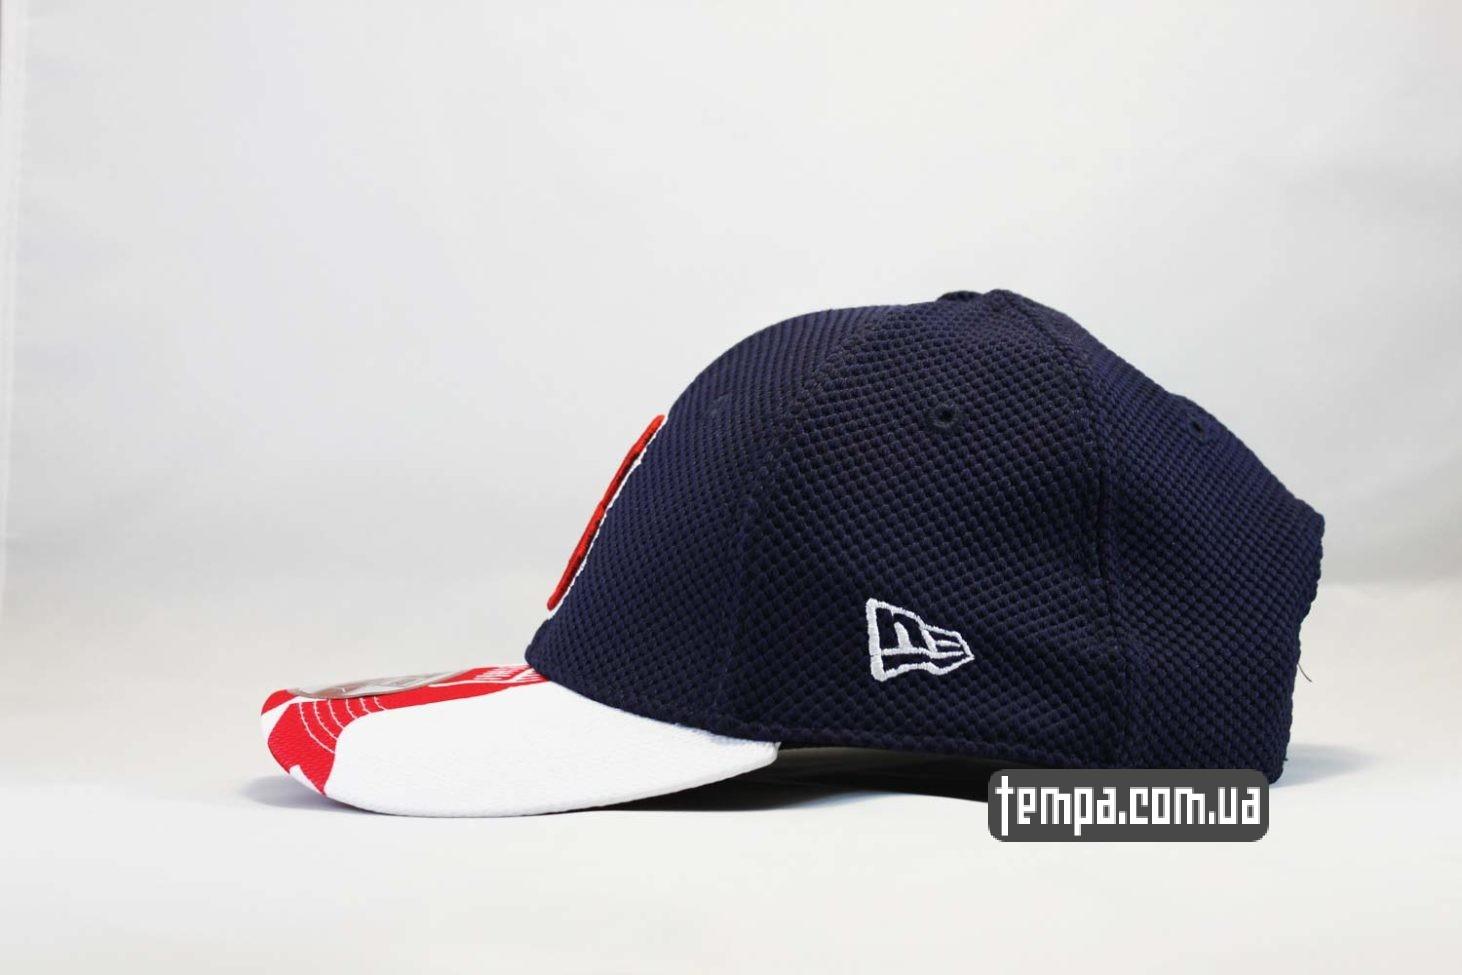 ньюэра магазина оригинал кепка бейсболка Boston Red Sox snabpack в сеточку